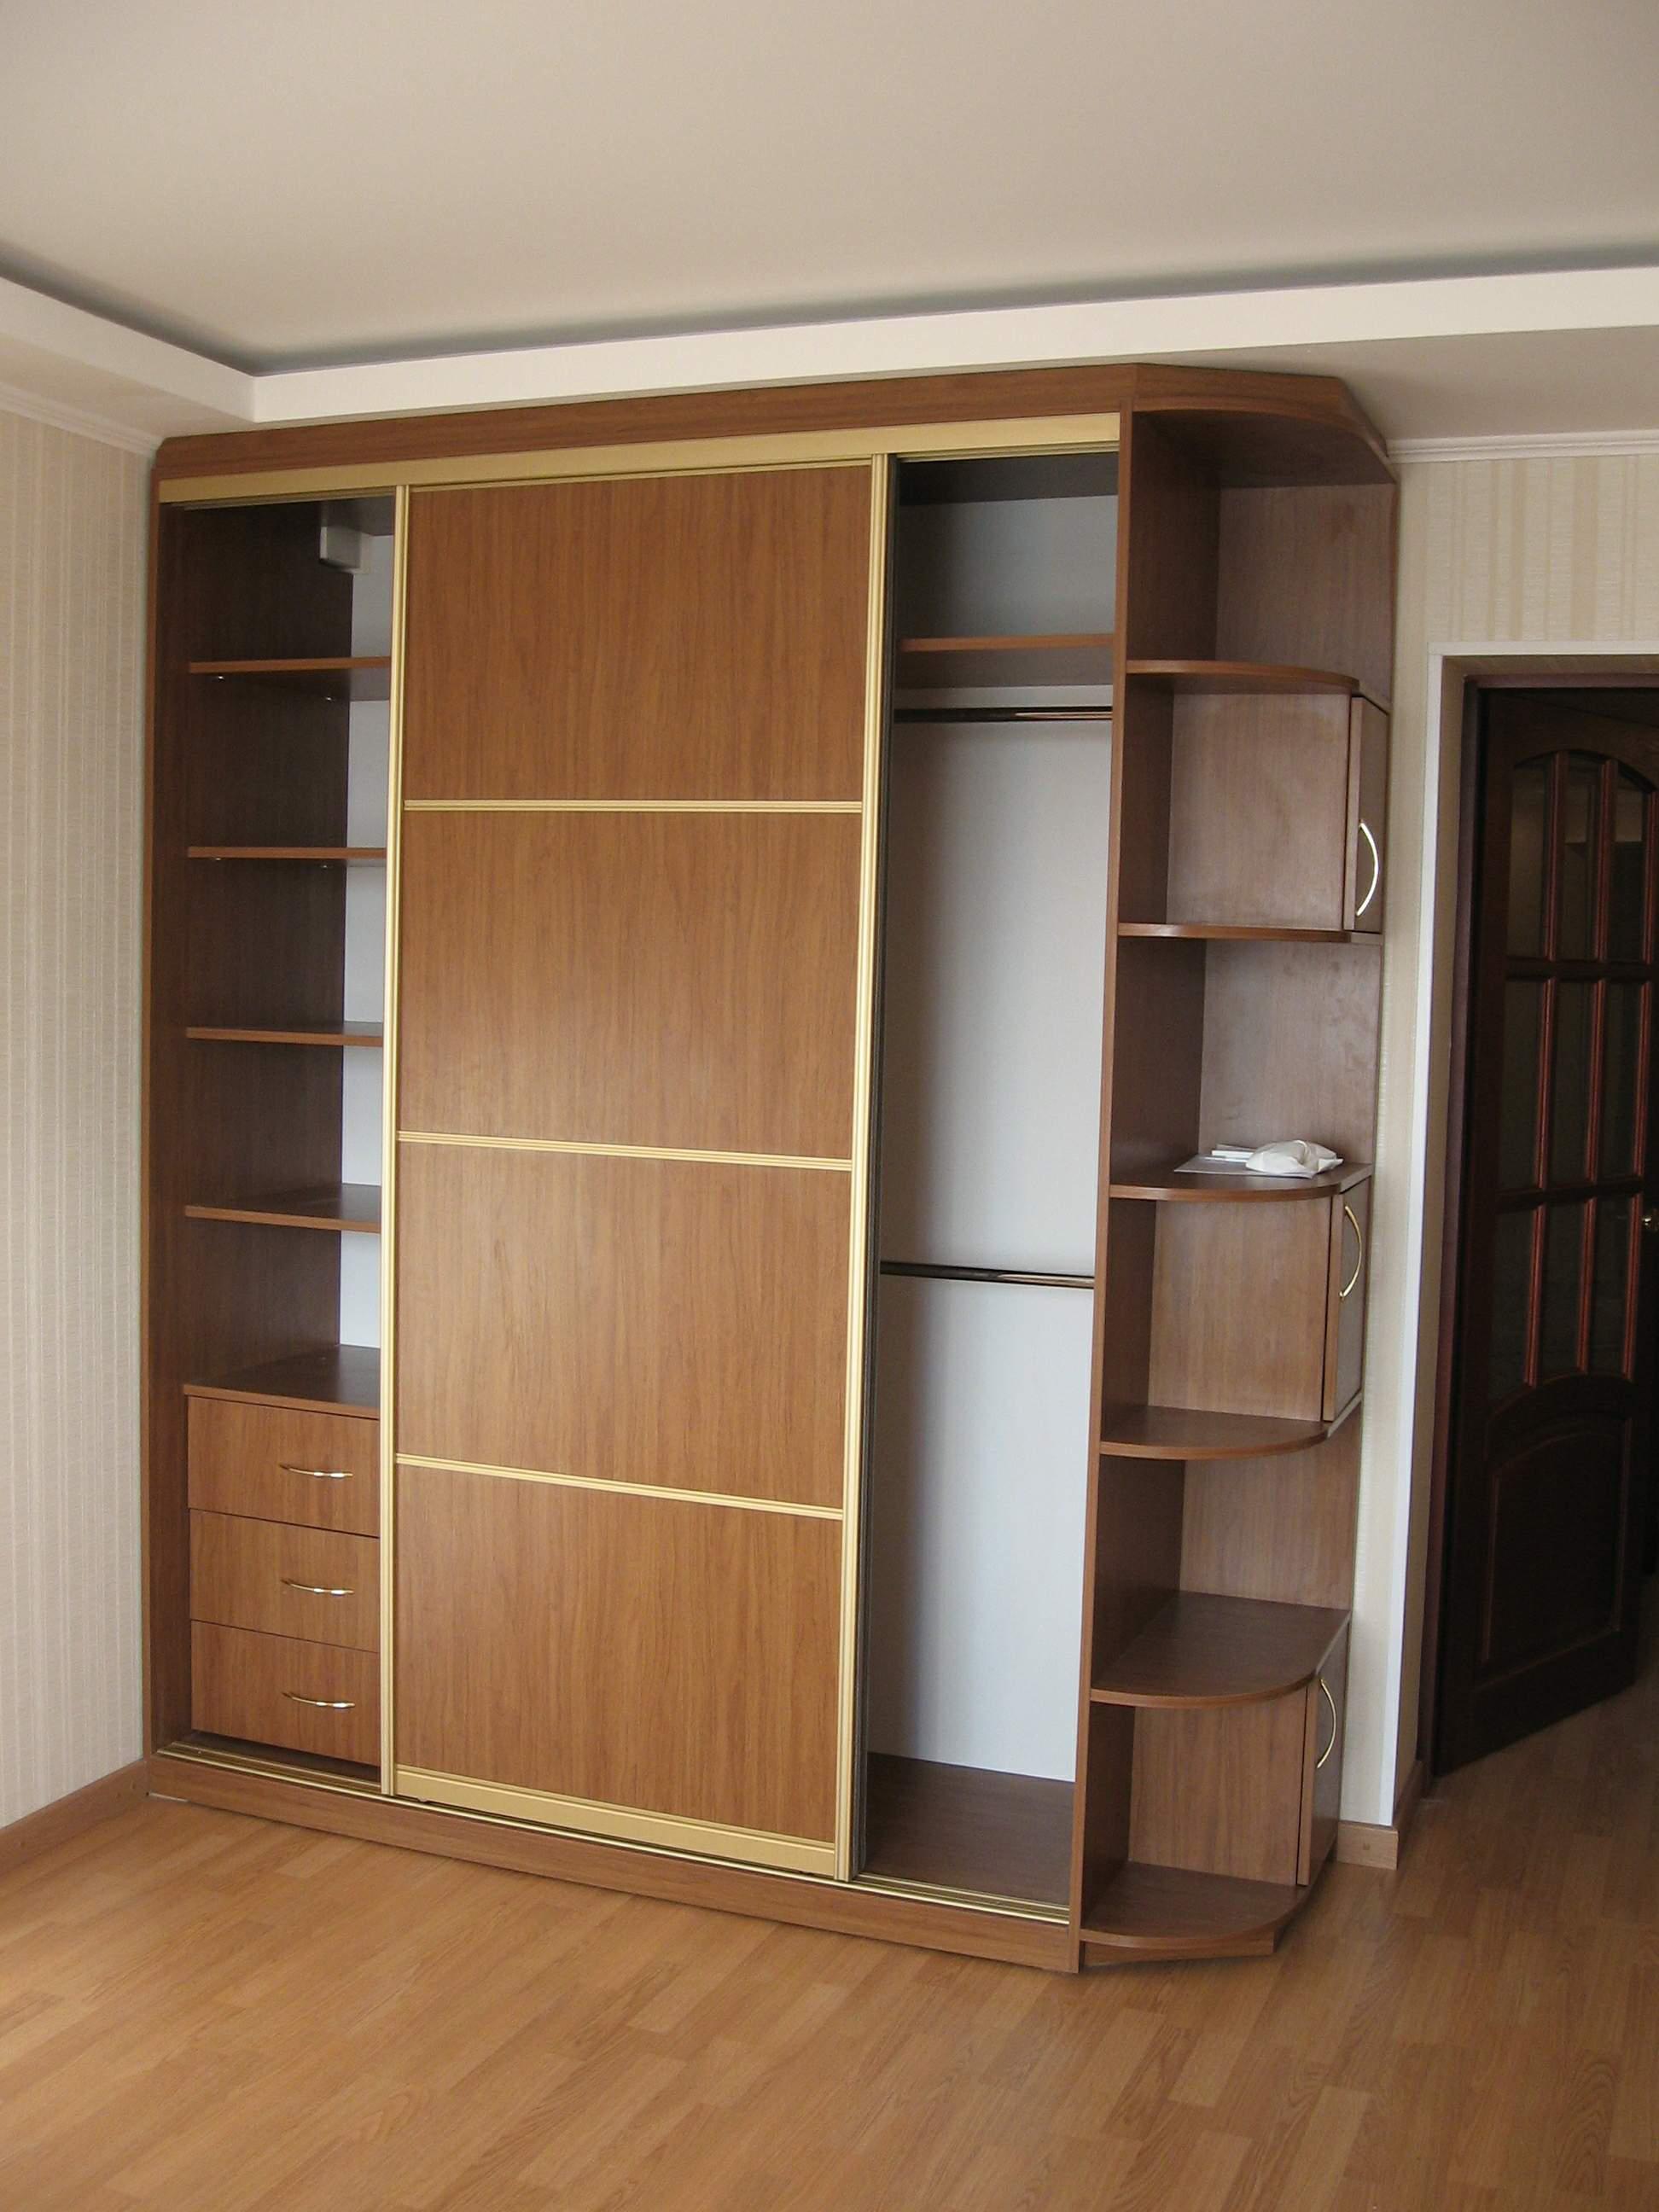 фотогалерея дизайна шкафов купе